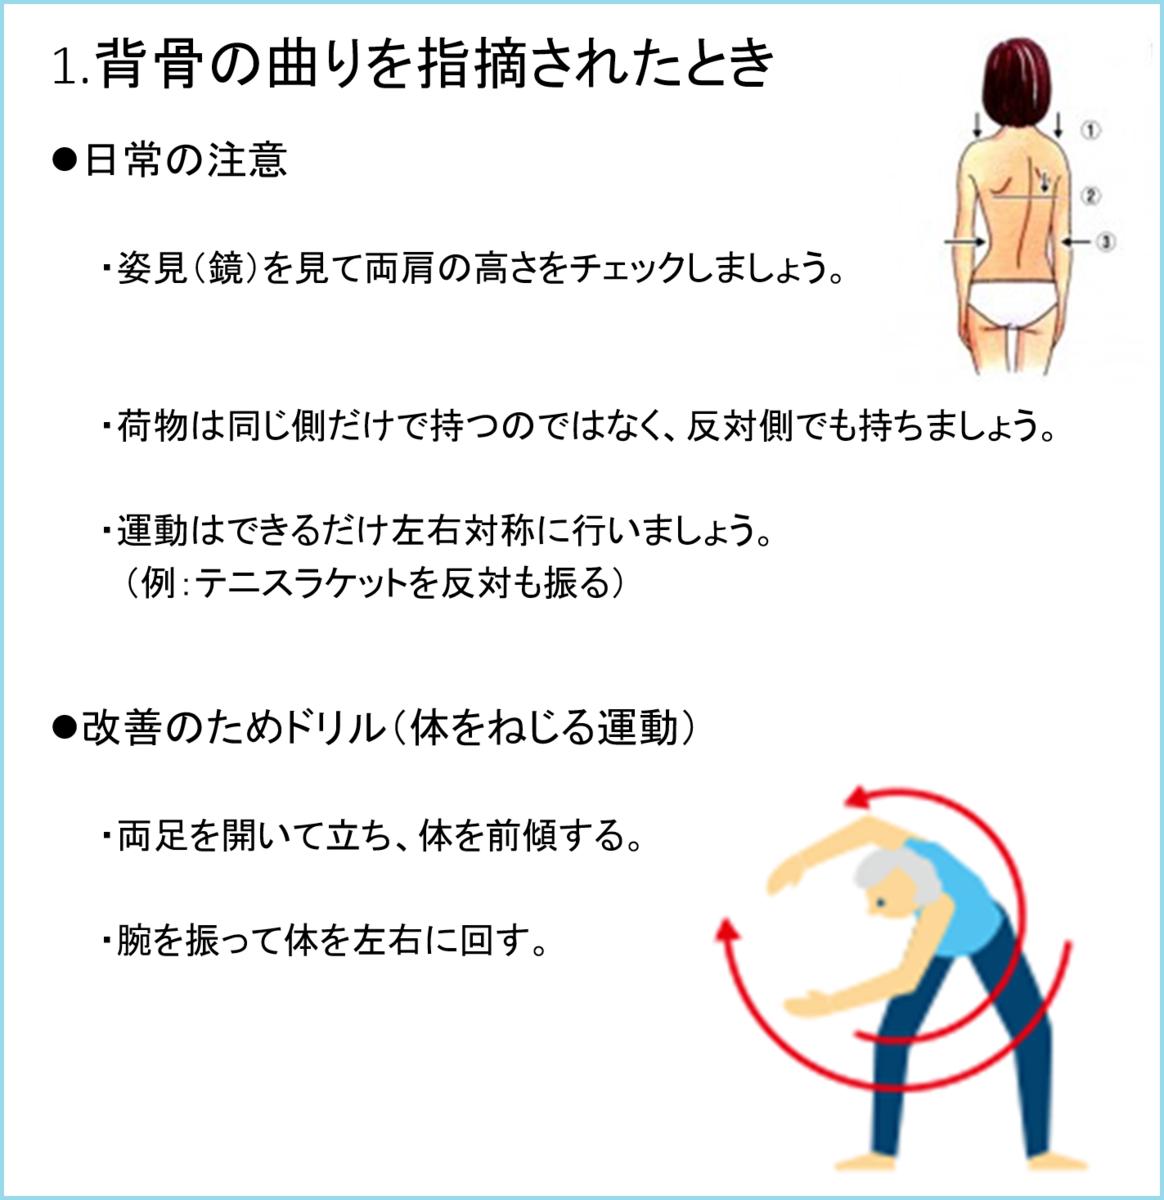 f:id:sunao-hiroba:20191025191136p:plain